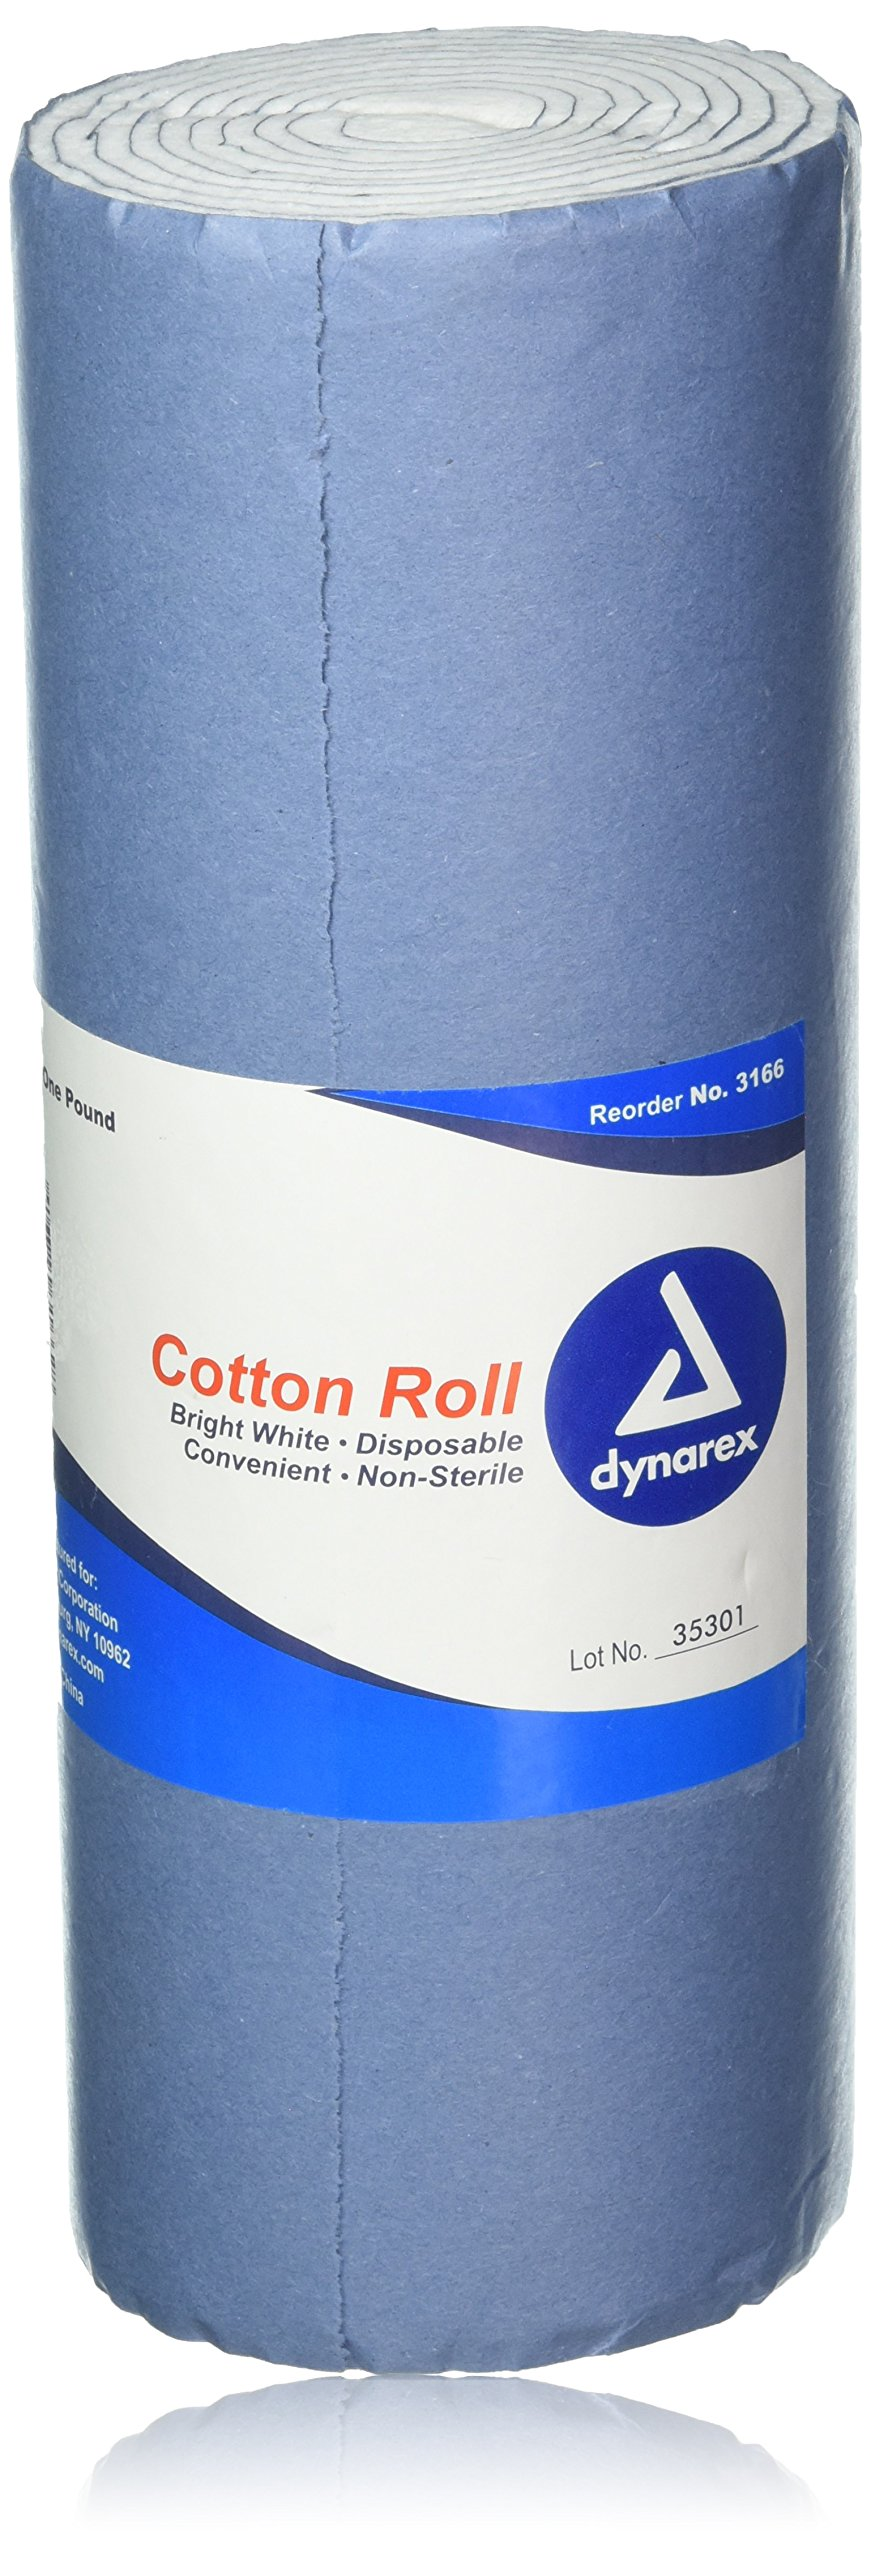 Dynarex Cotton Roll Non-Sterile 12''X56'' 1 lb by Dynarex